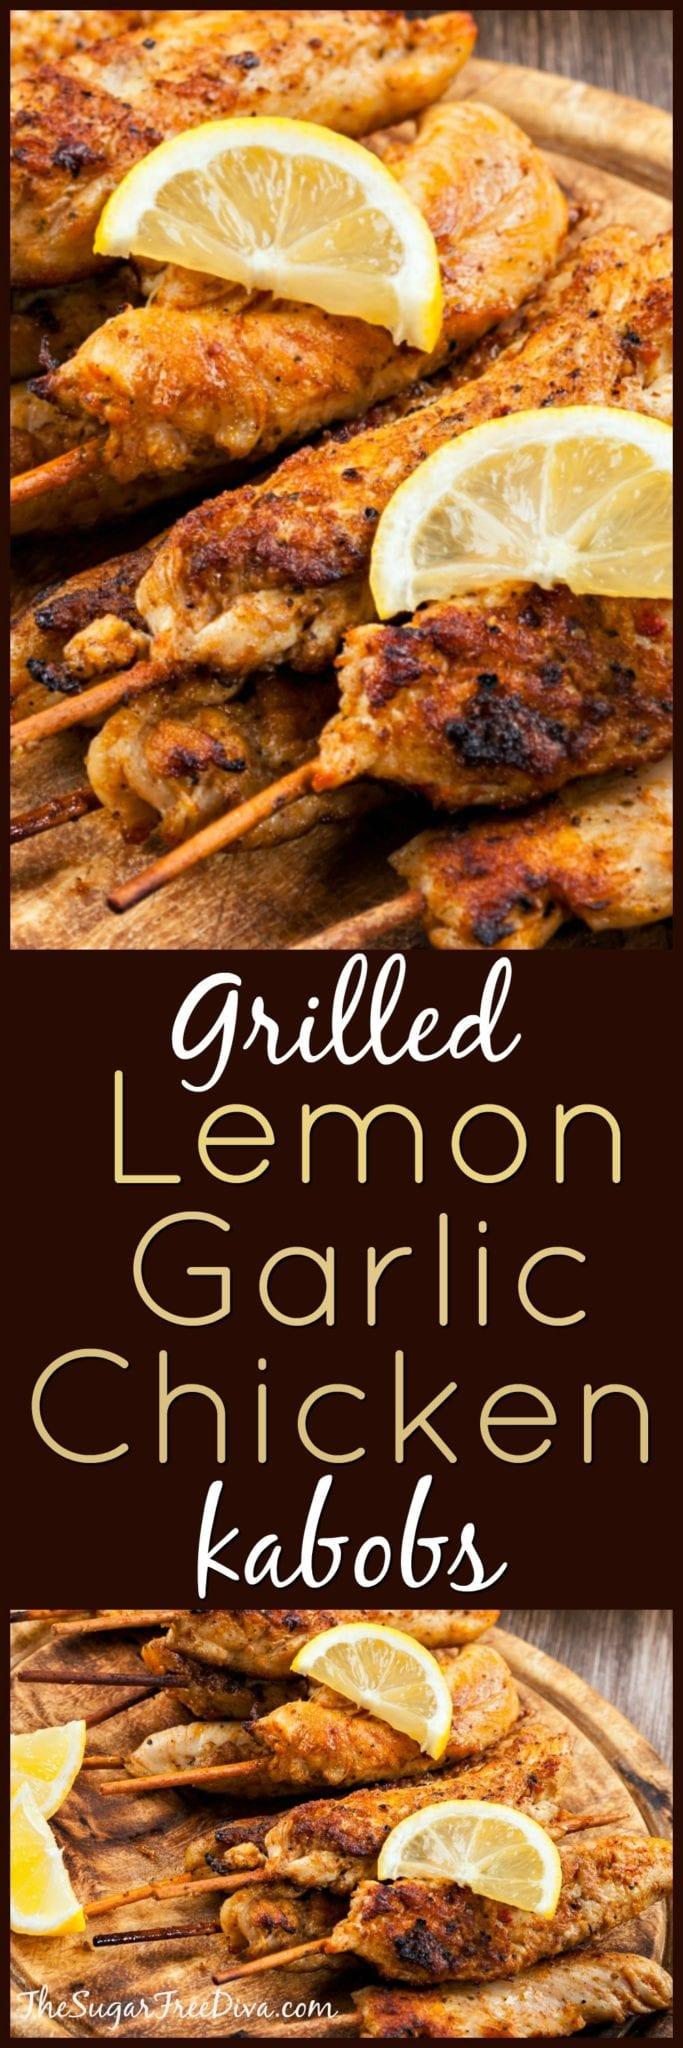 Grilled Lemon Garlic Chicken Kabobs #chicken #recipe #easy #grilled